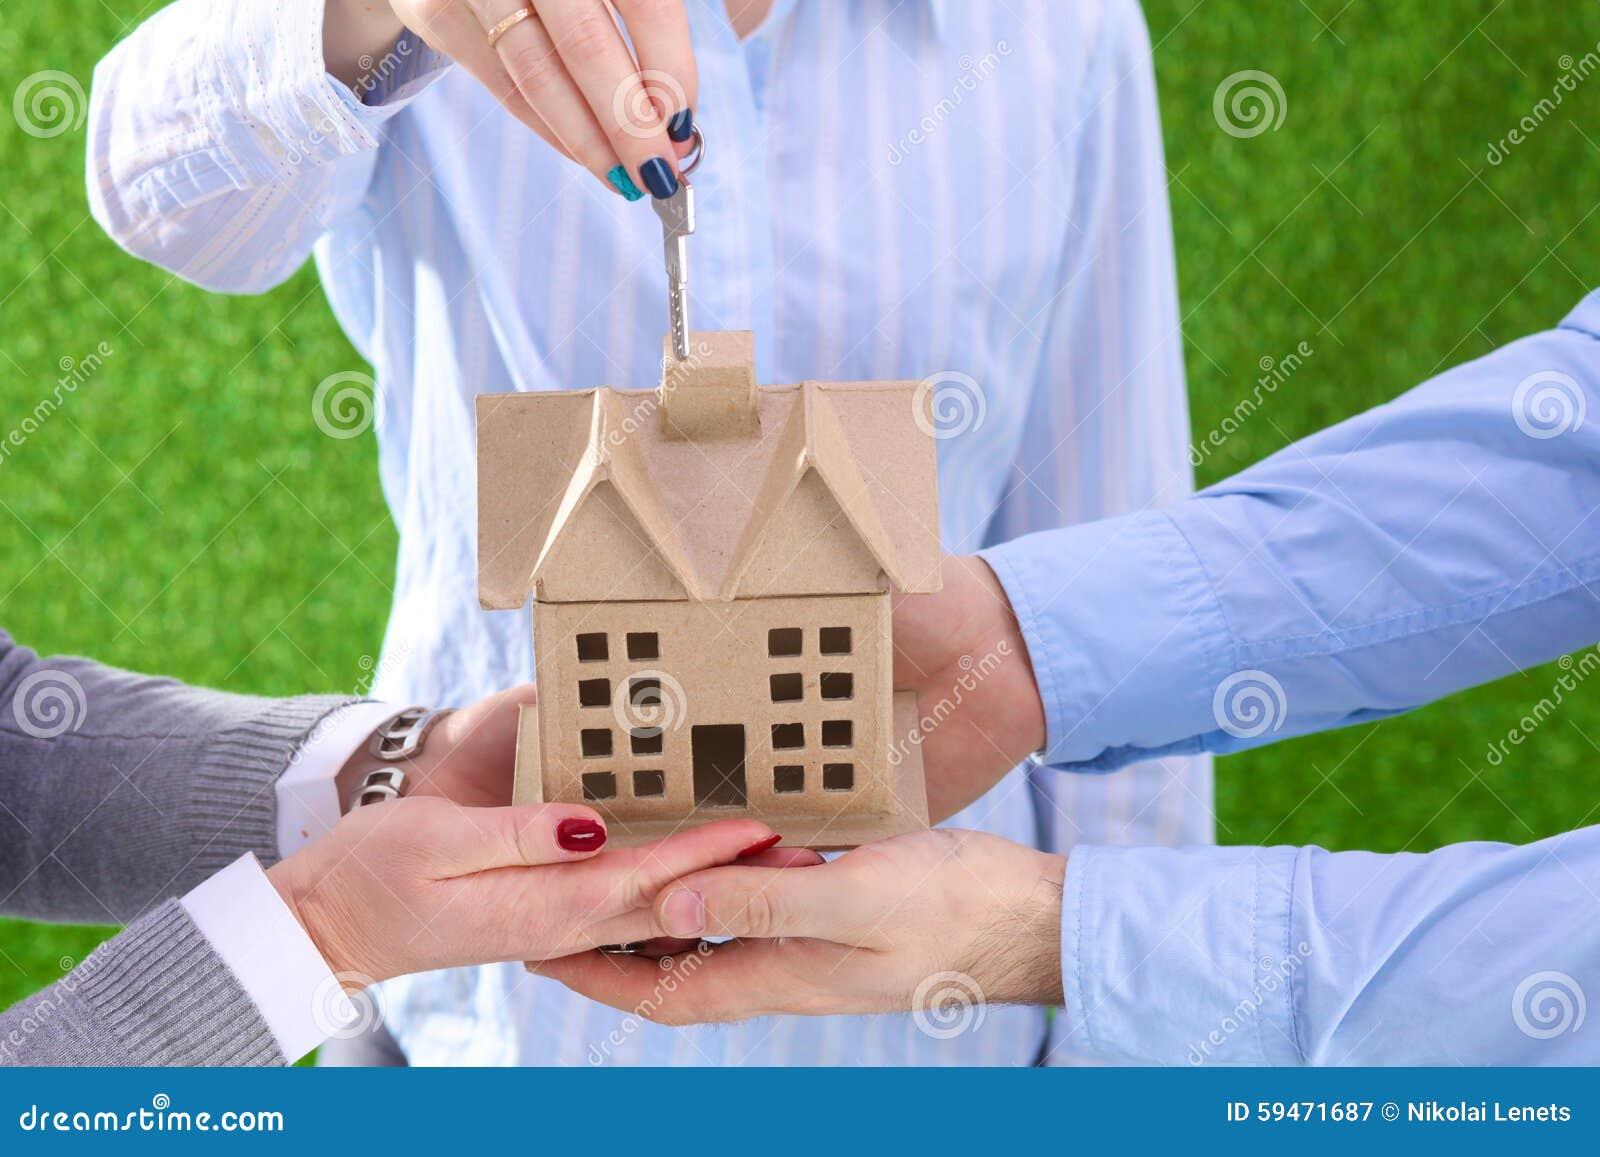 Ett medel för egenskap med ett hus och en tangent